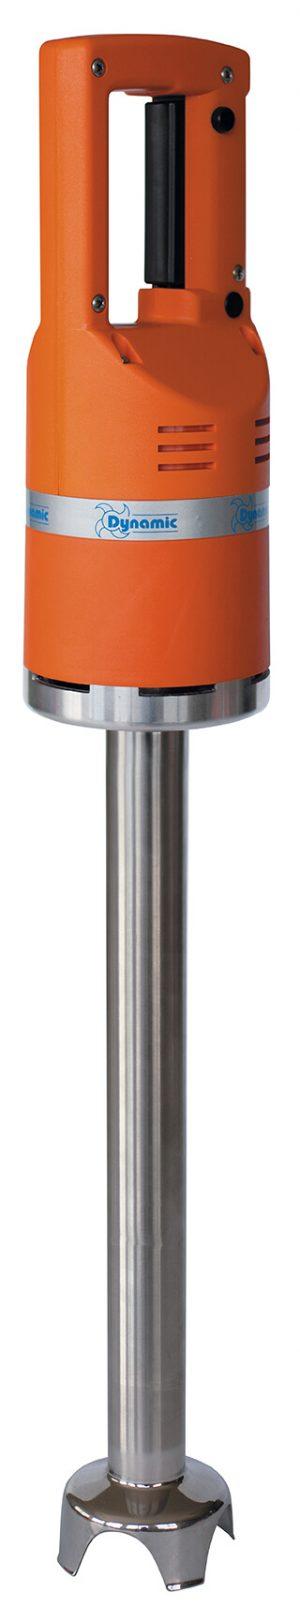 מוט ריסוק 40-100 ליטר דגם MASTER MX 91 תוצרת DYNAMIC צרפת